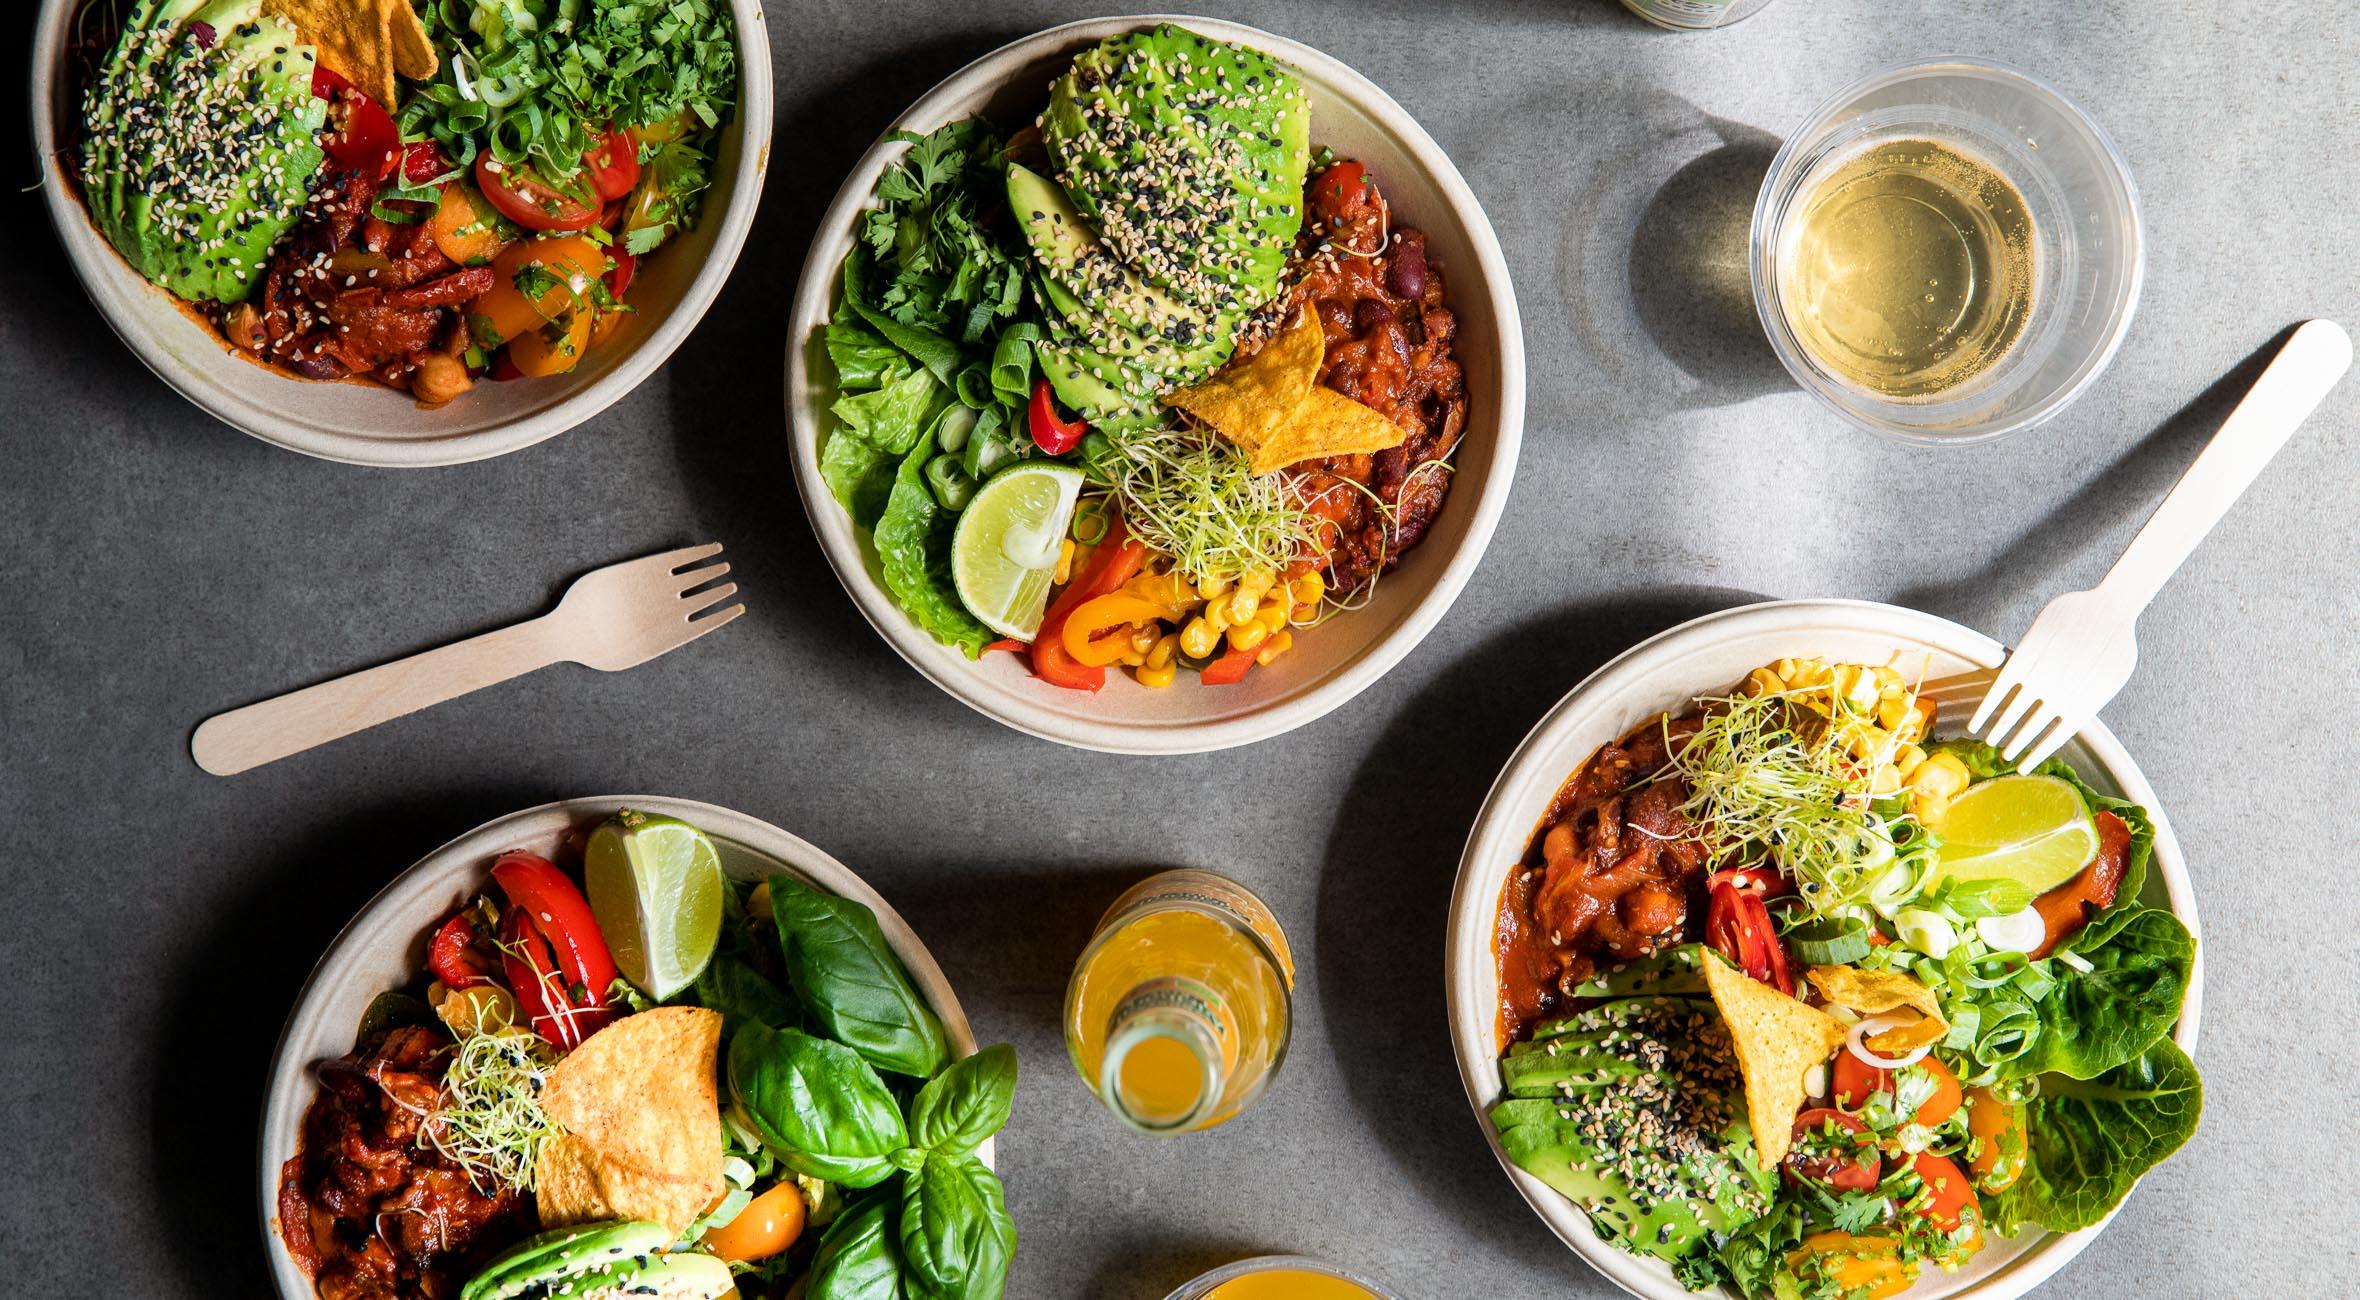 2 bowls + 2 økologiske sodavand hos Hope Organic i Boltens Food Court – Grønt gourmetkøkken har indtaget nyt madmarked med vilde veganske bowls